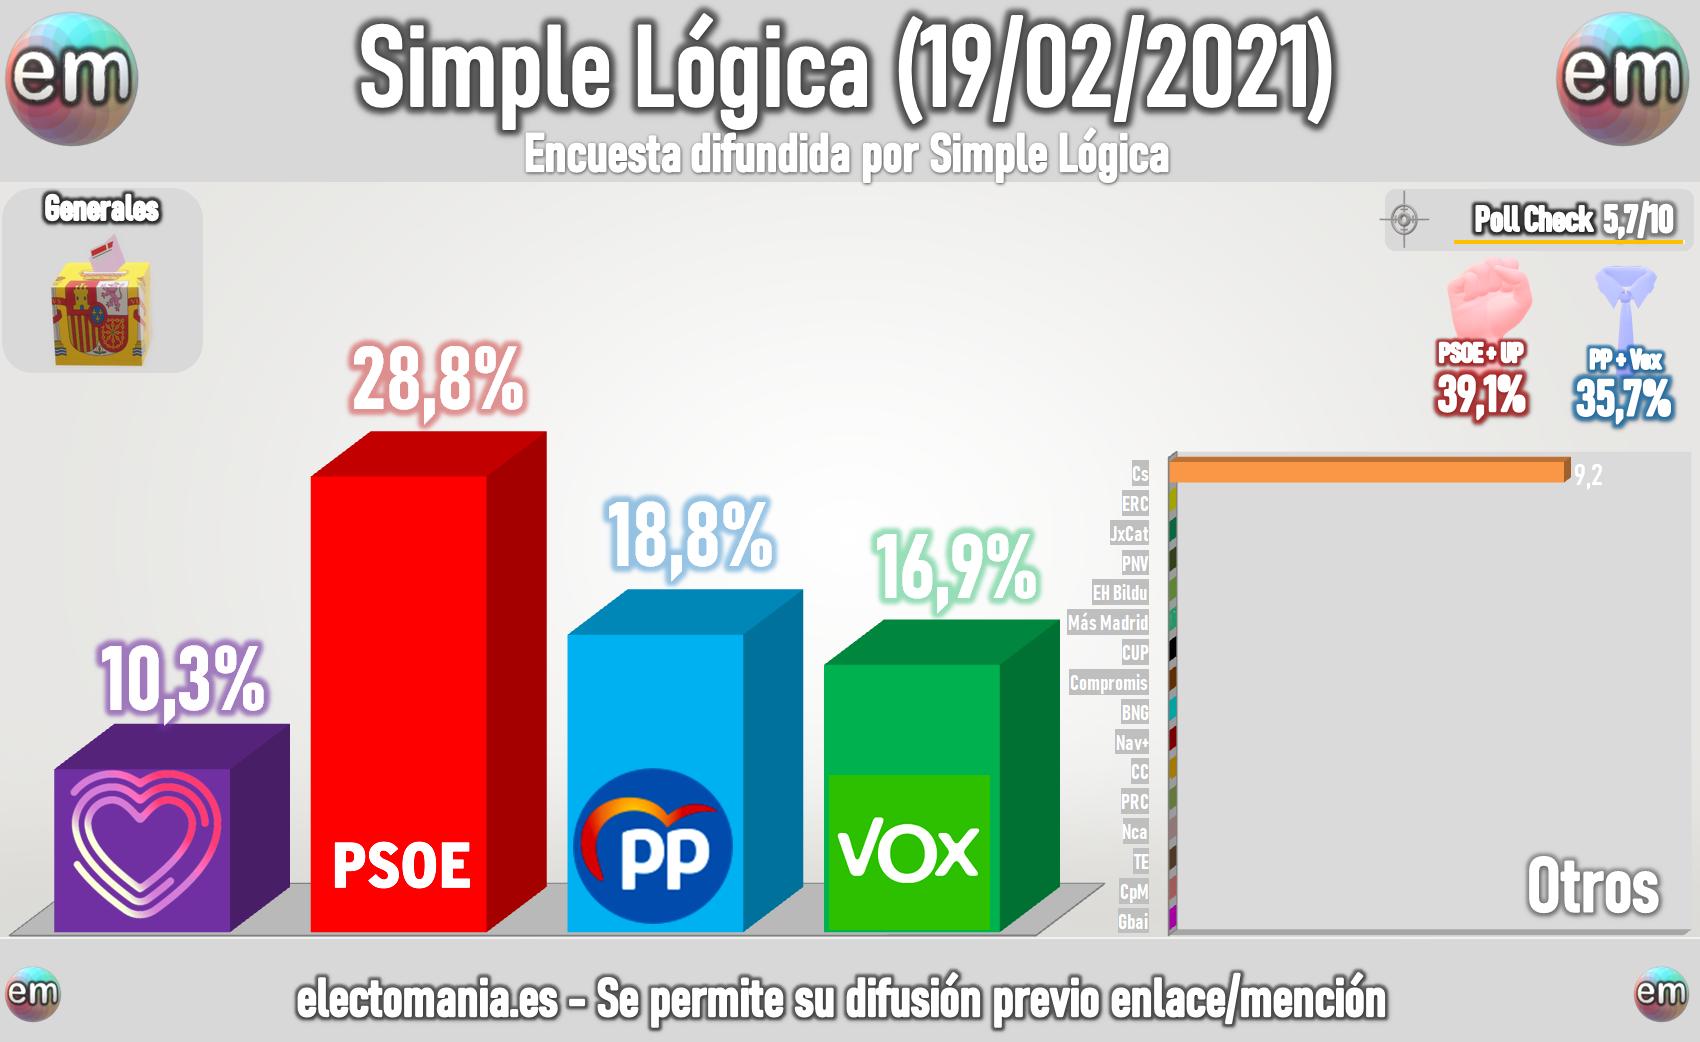 Elecciones en Cataluña Image-56